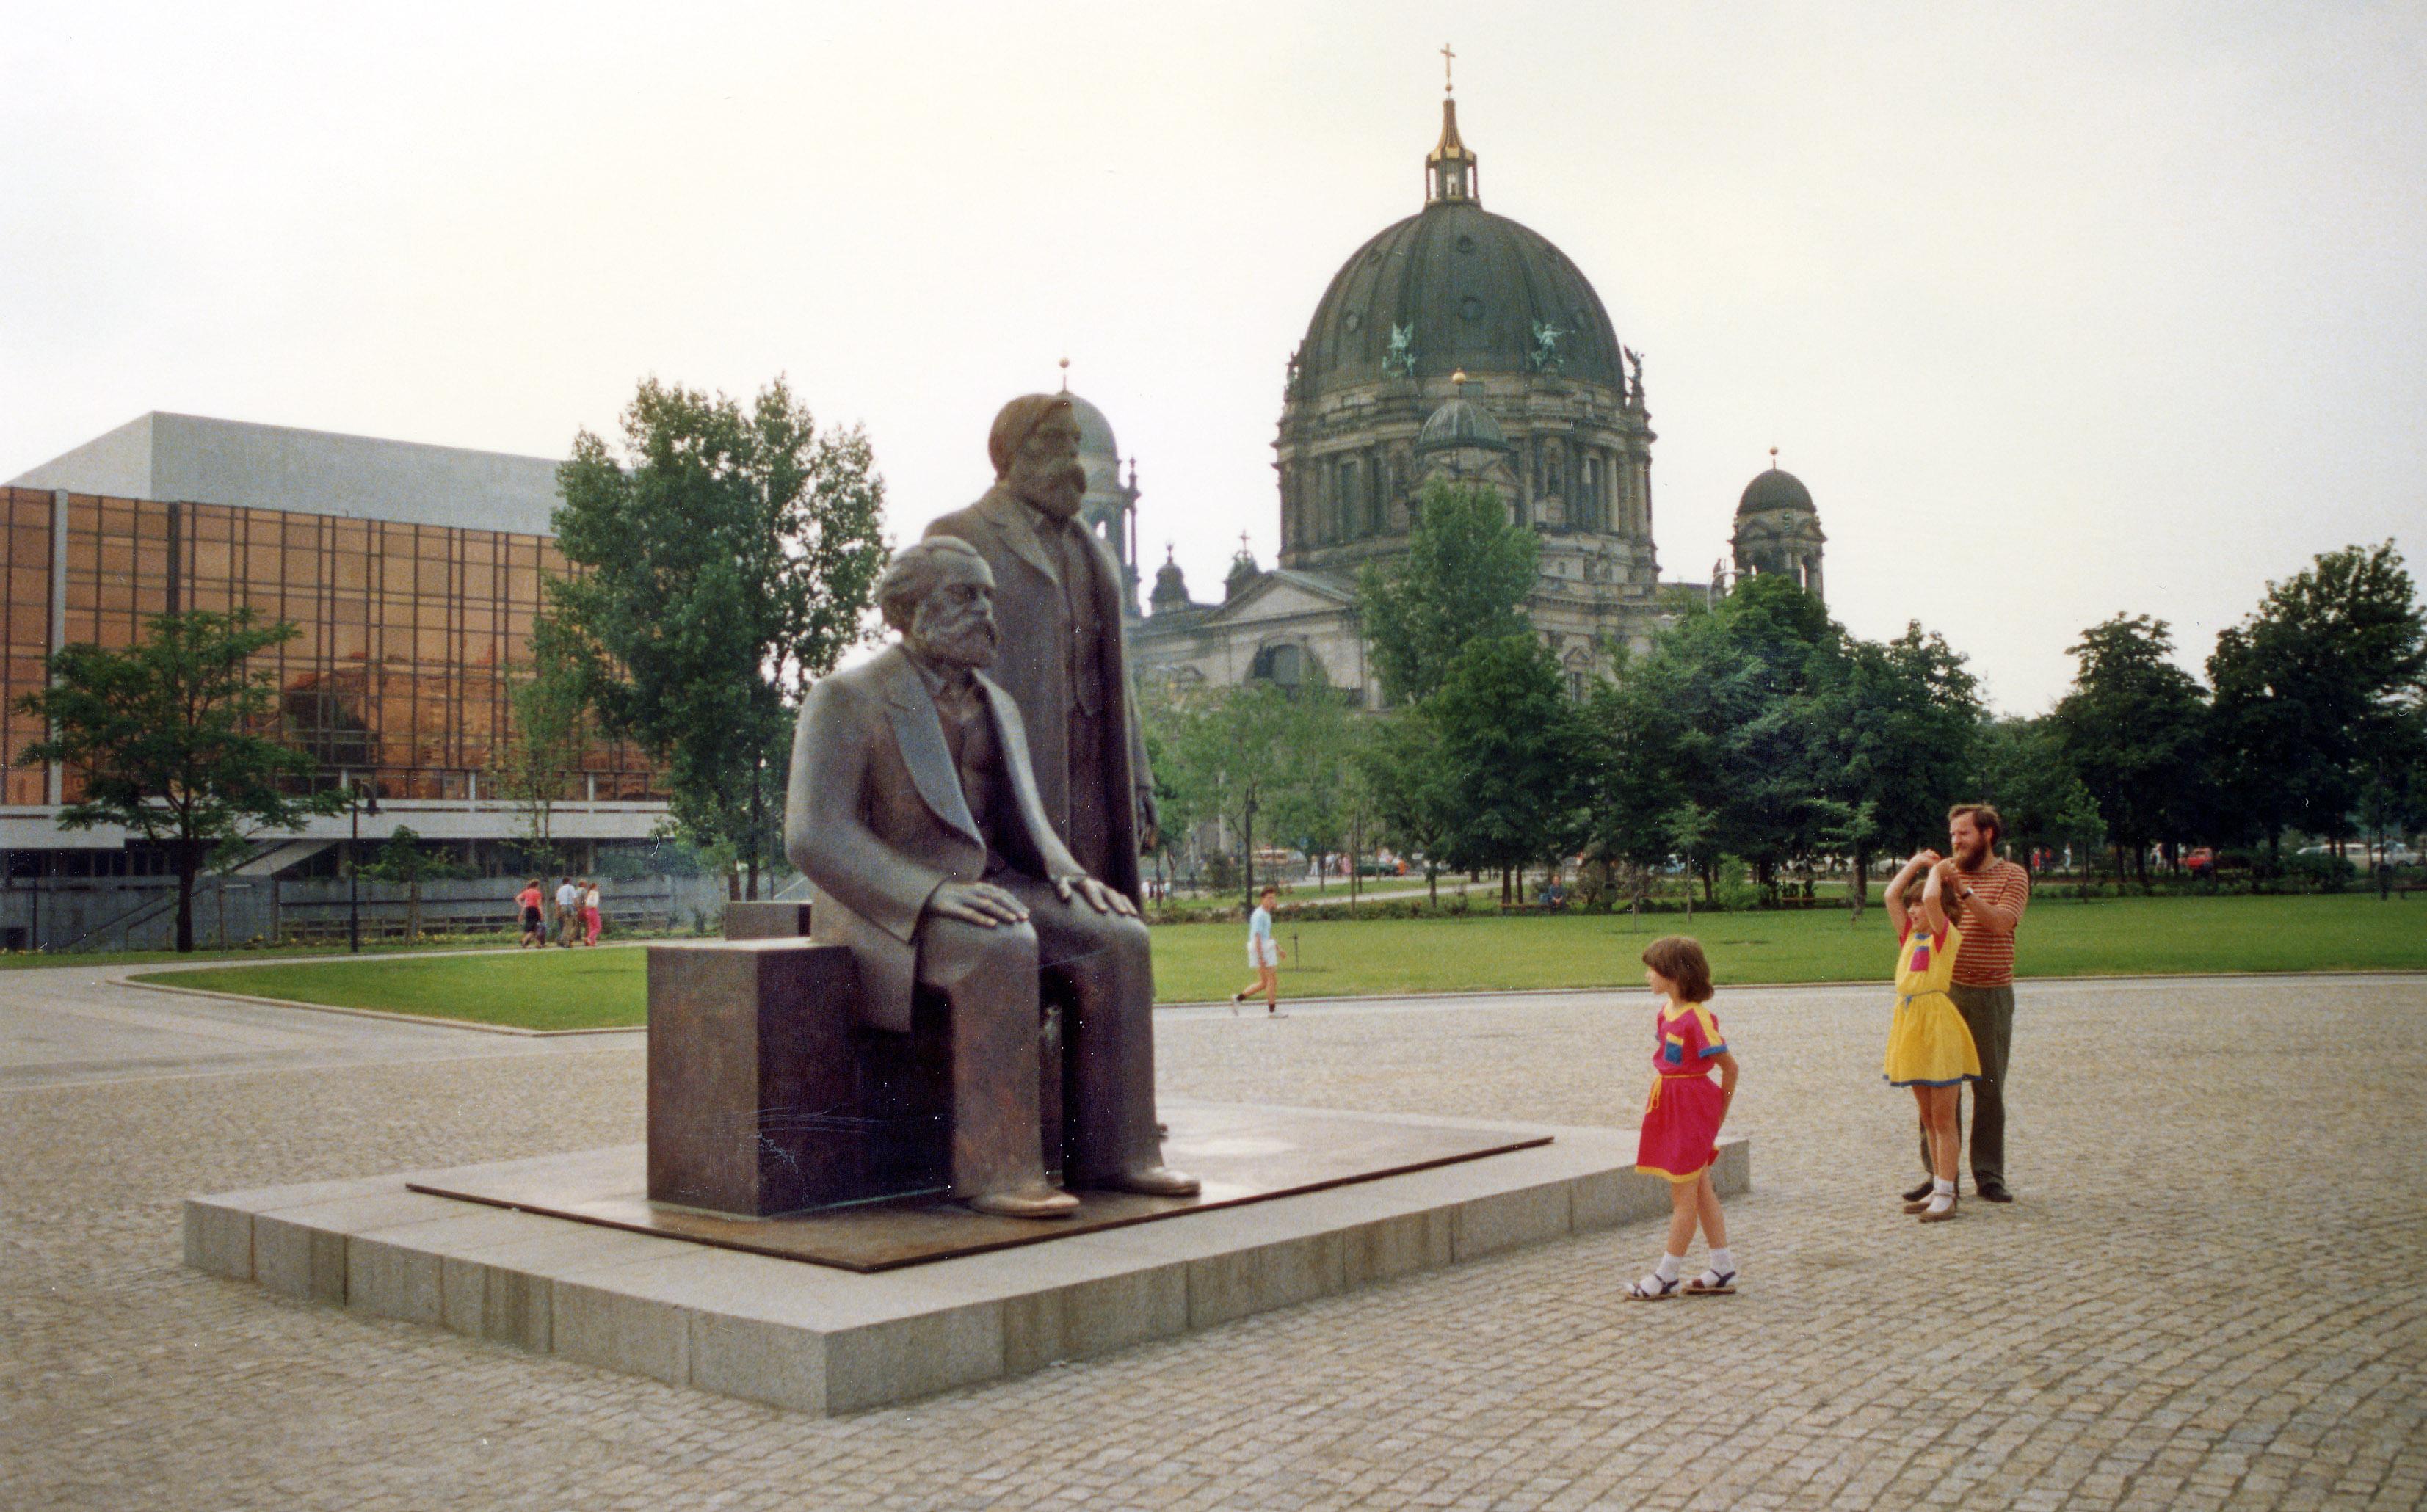 http://upload.wikimedia.org/wikipedia/commons/b/b0/Marx-engels-forum-1986.jpg